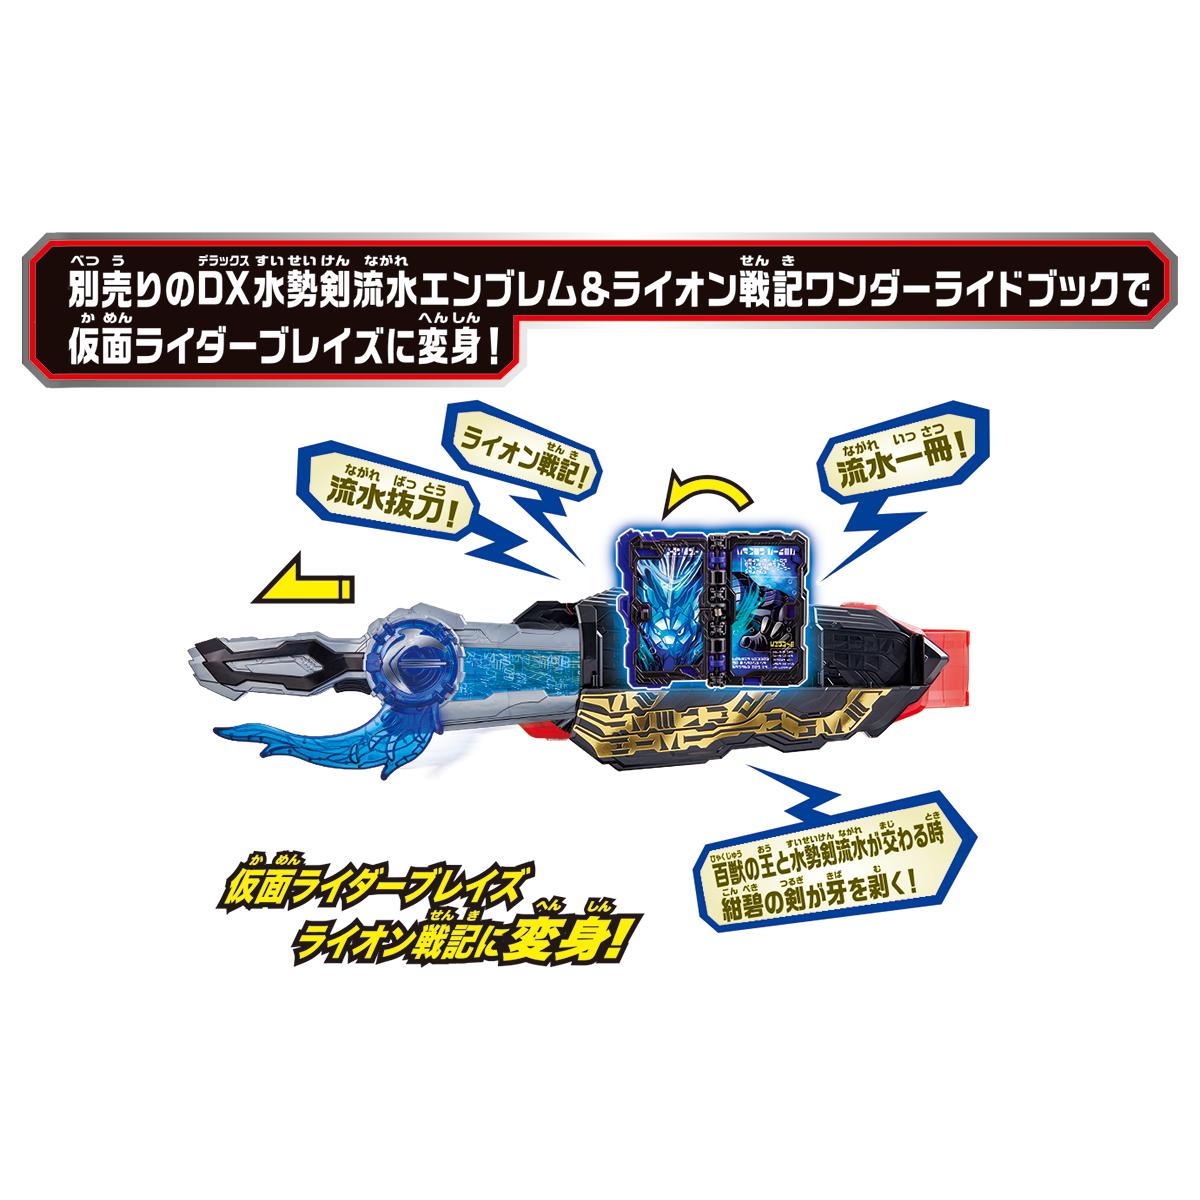 【先行抽選販売】変身ベルト『DX聖剣ソードライバー』仮面ライダーセイバー 変身なりきり-009